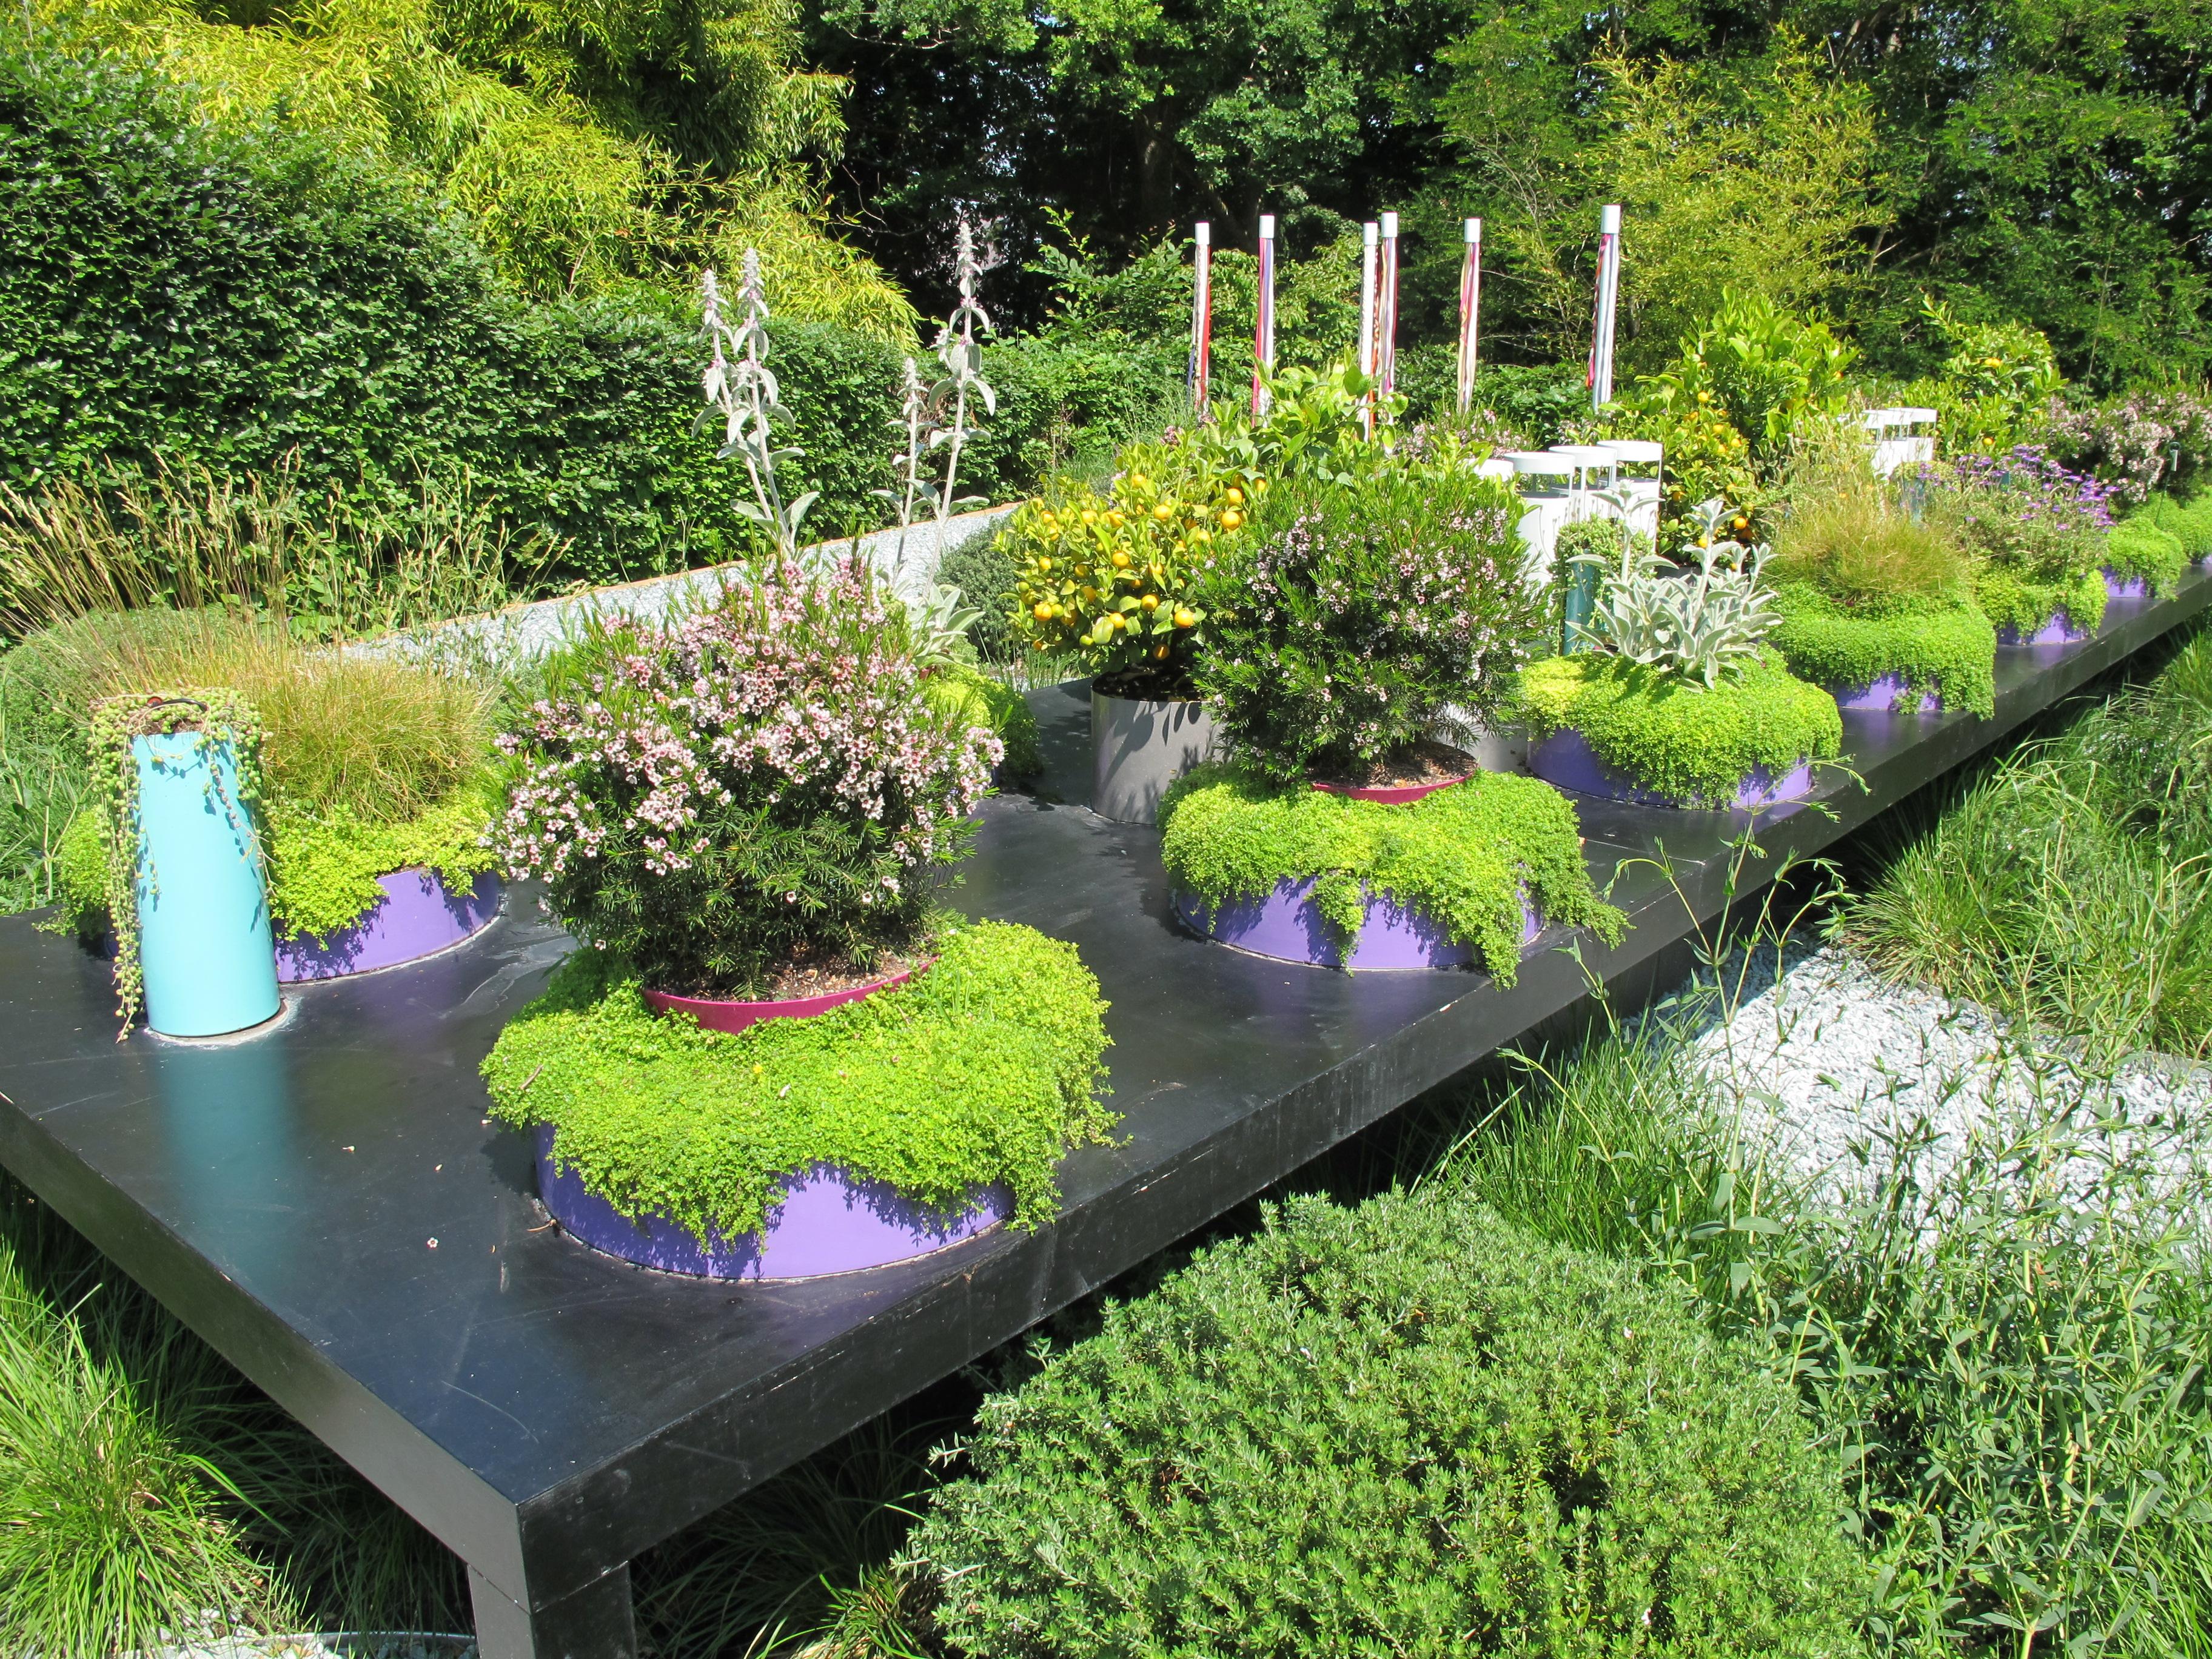 Les jardins du festival de chaumont sur loire gamm vert - Jardins chaumont sur loire ...